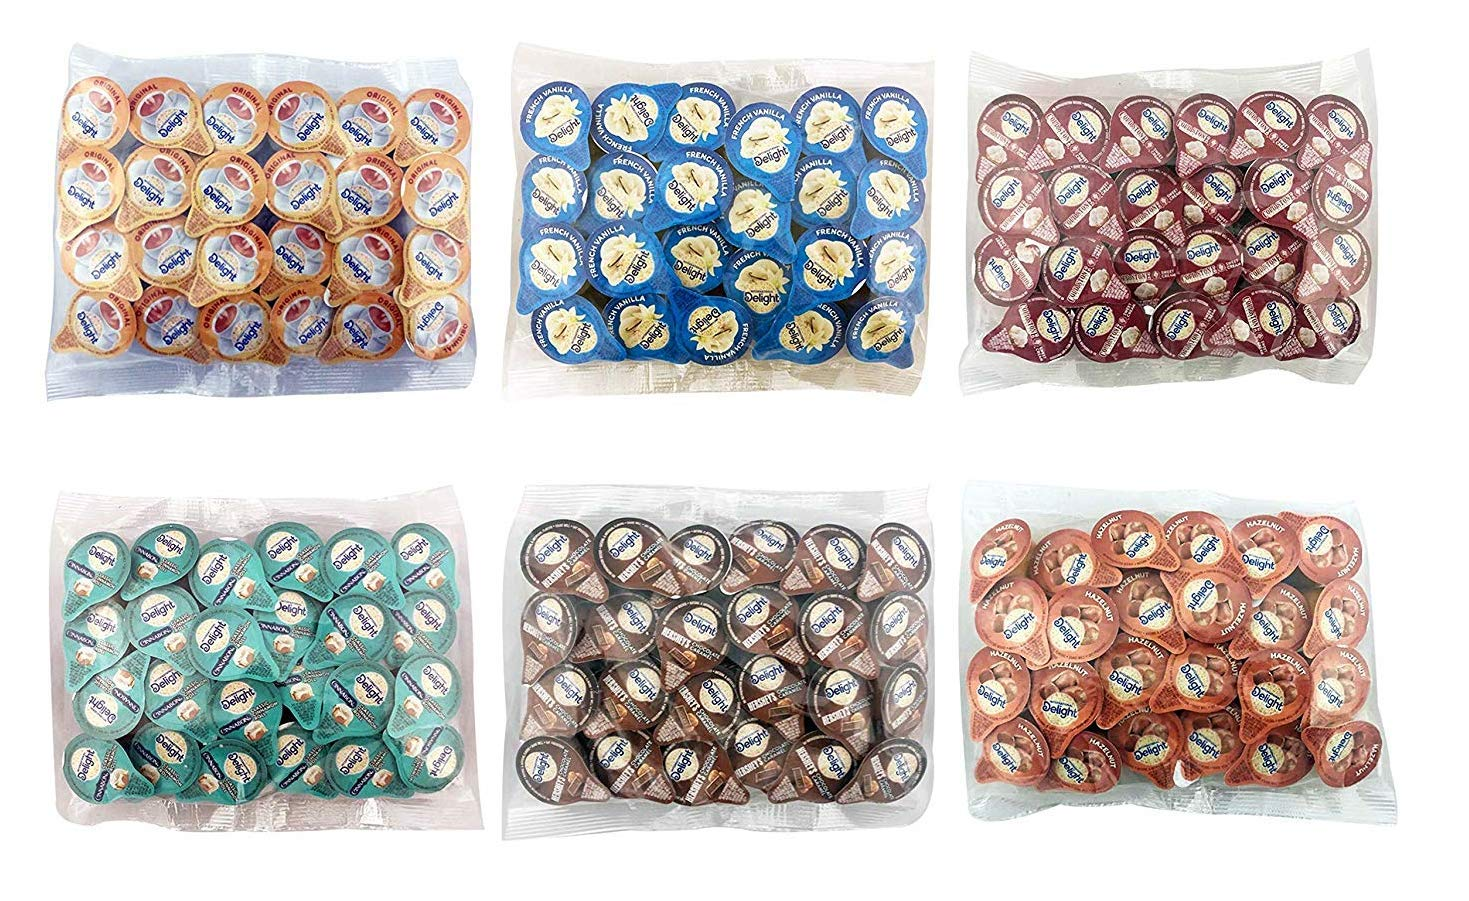 International Delight Liquid Creamer Singles - 6 Flavor Assortment (144 Pack)NEW Custom Leak Resistant Packaging by River Finn Organics